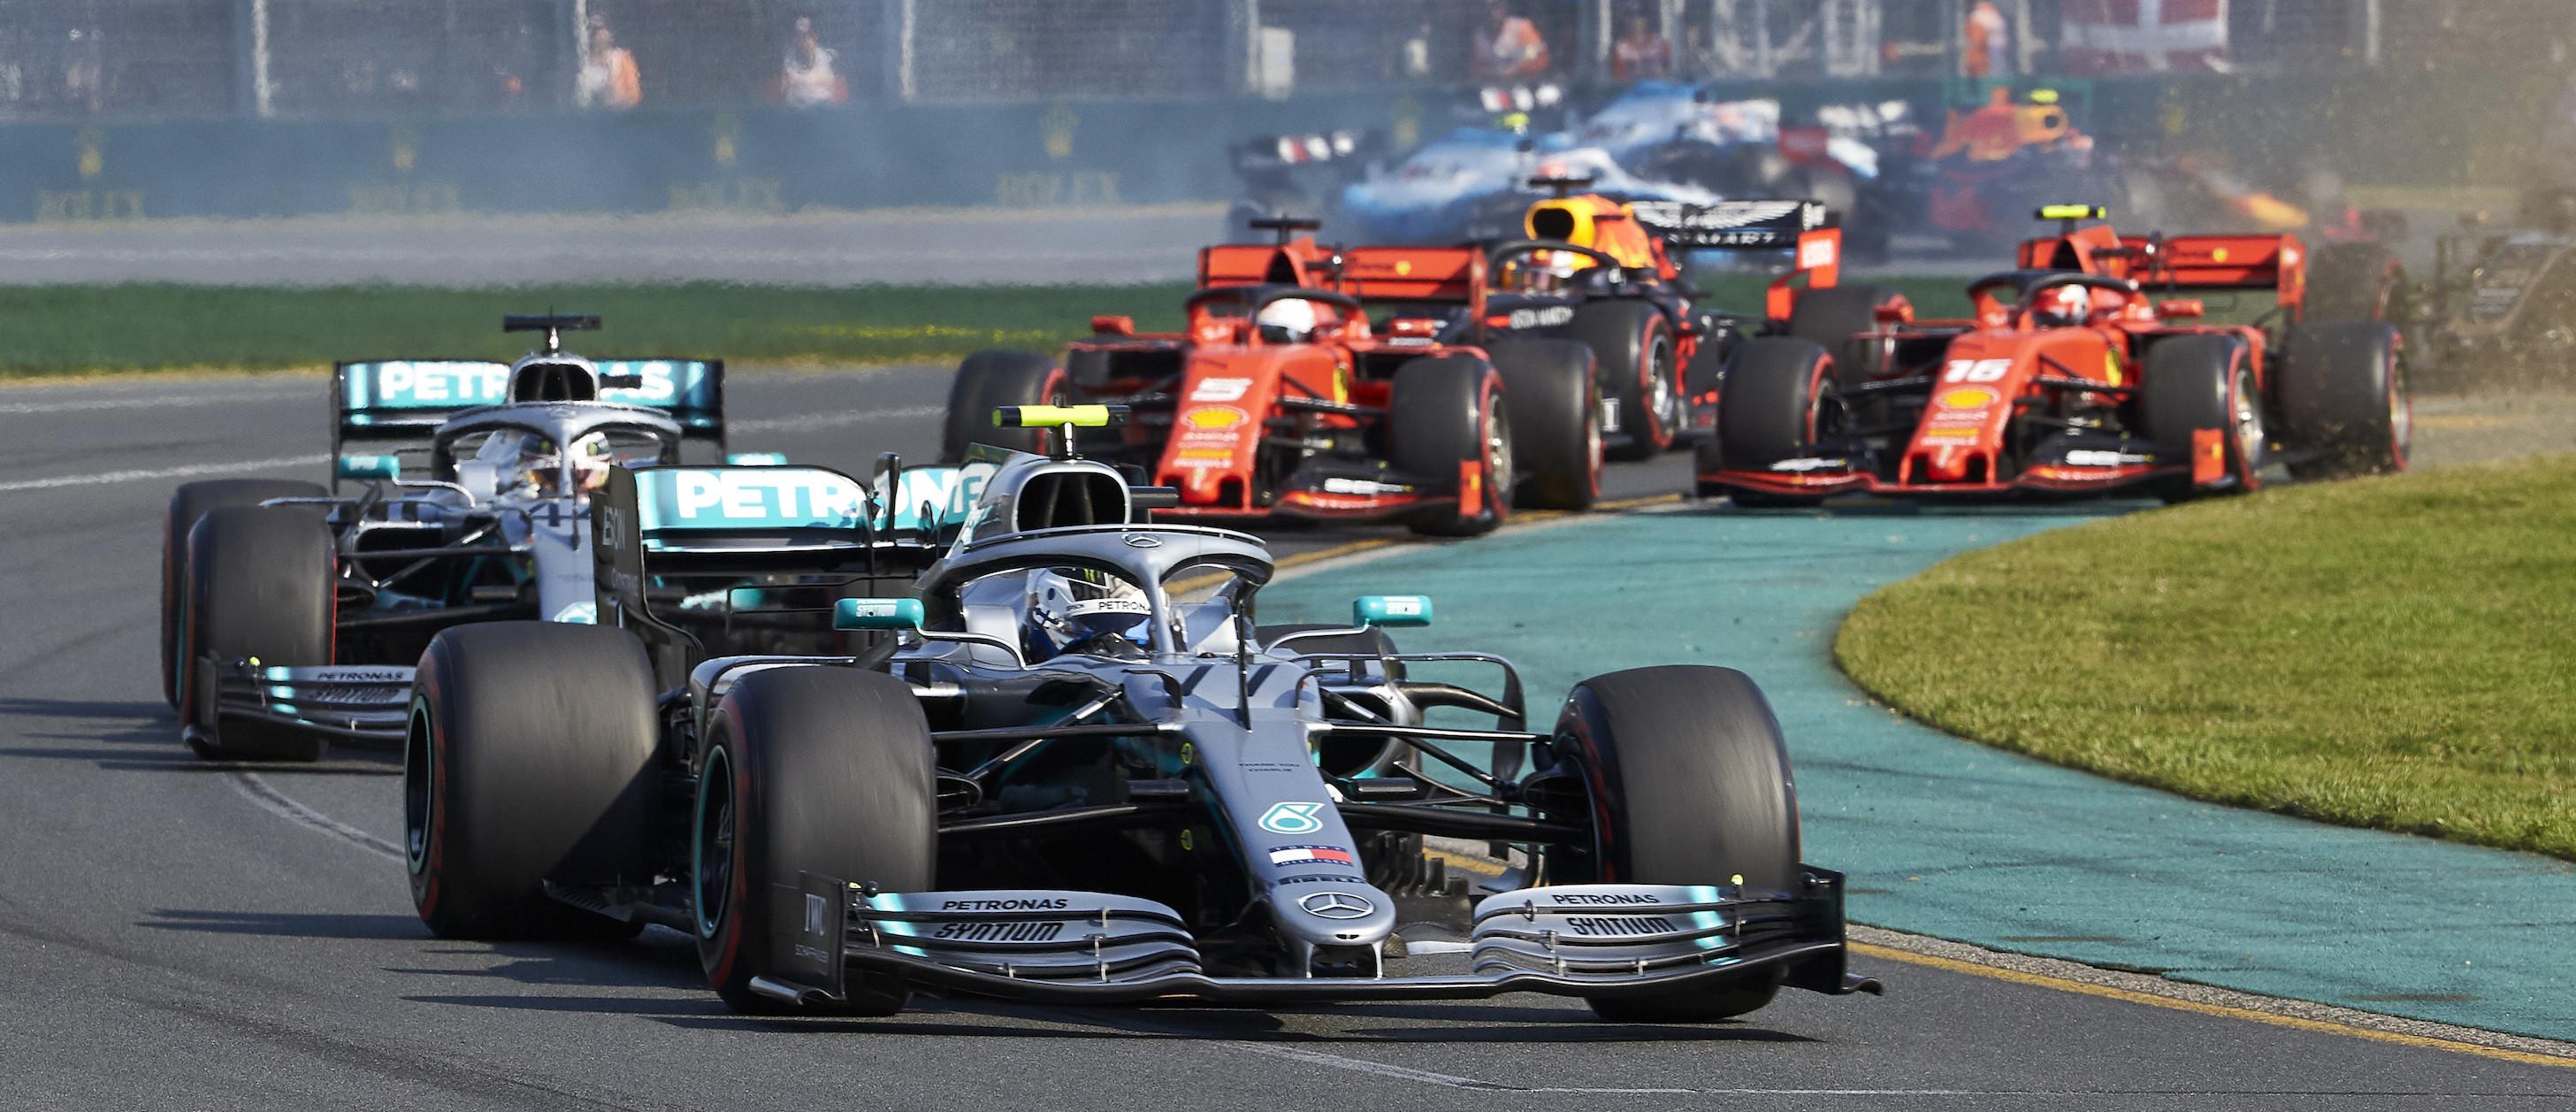 Formula 1: Спринт трките следната година би можеле да се третираат одделно